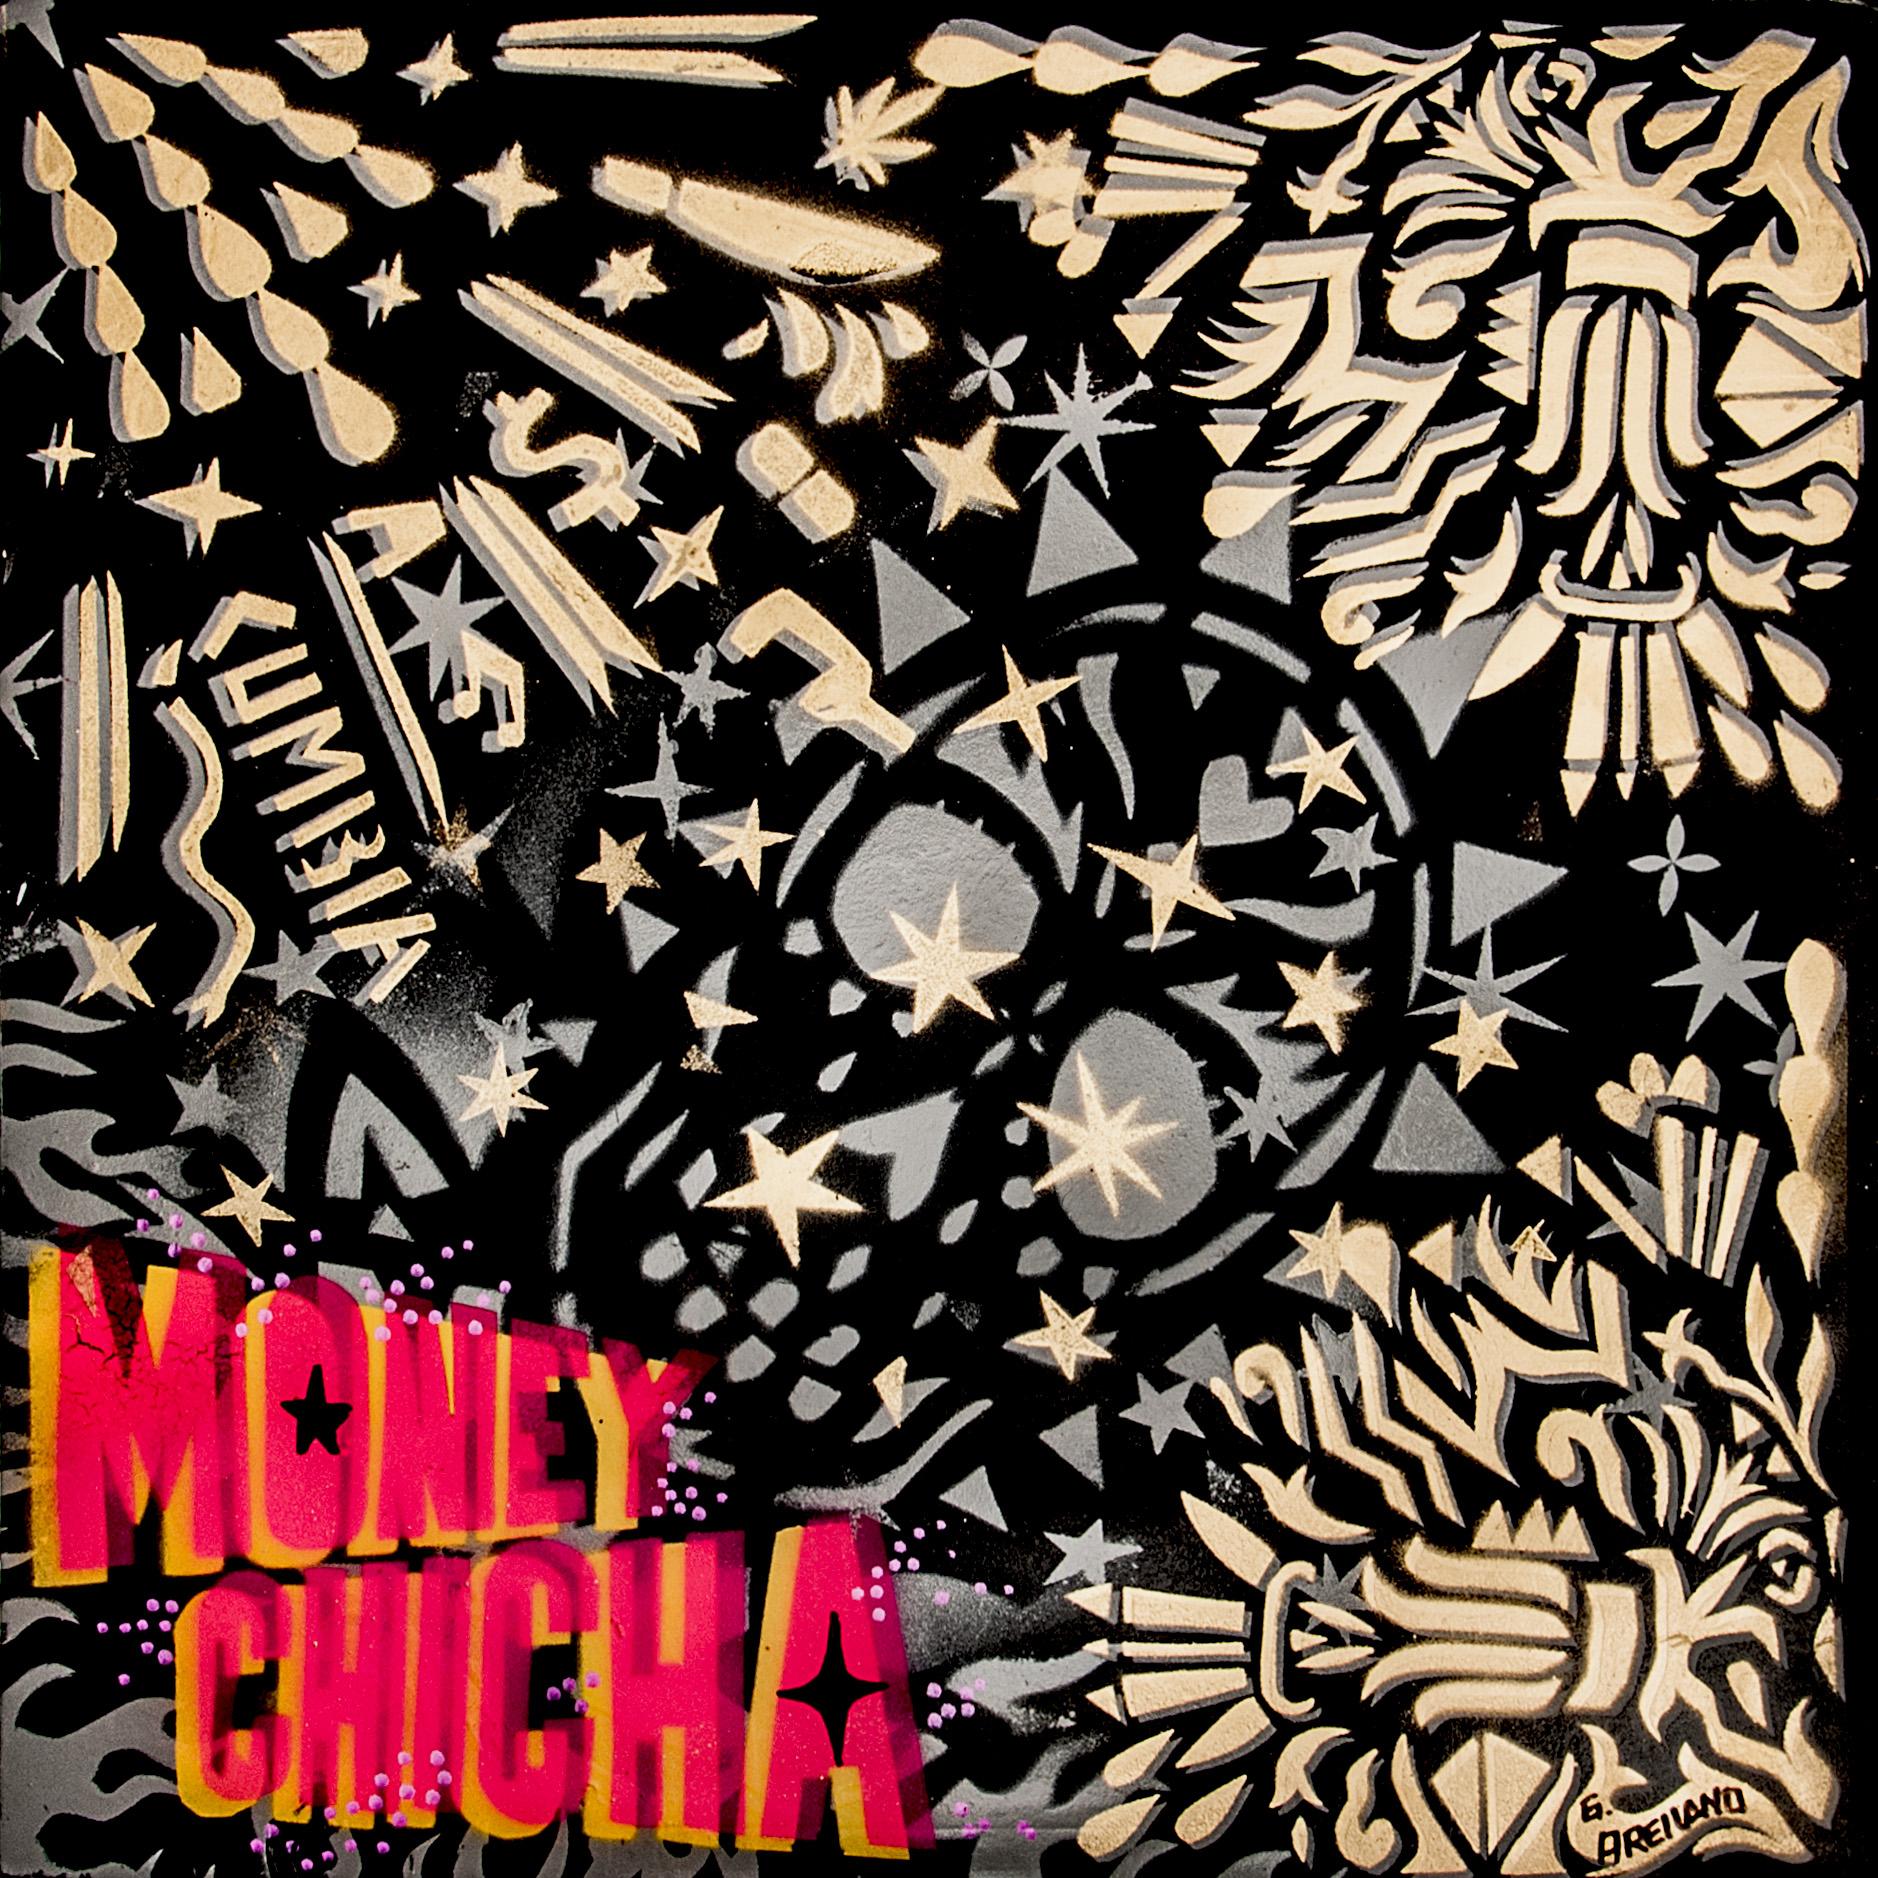 Money-Chica-by-Gerardo-Arellano-0975-1